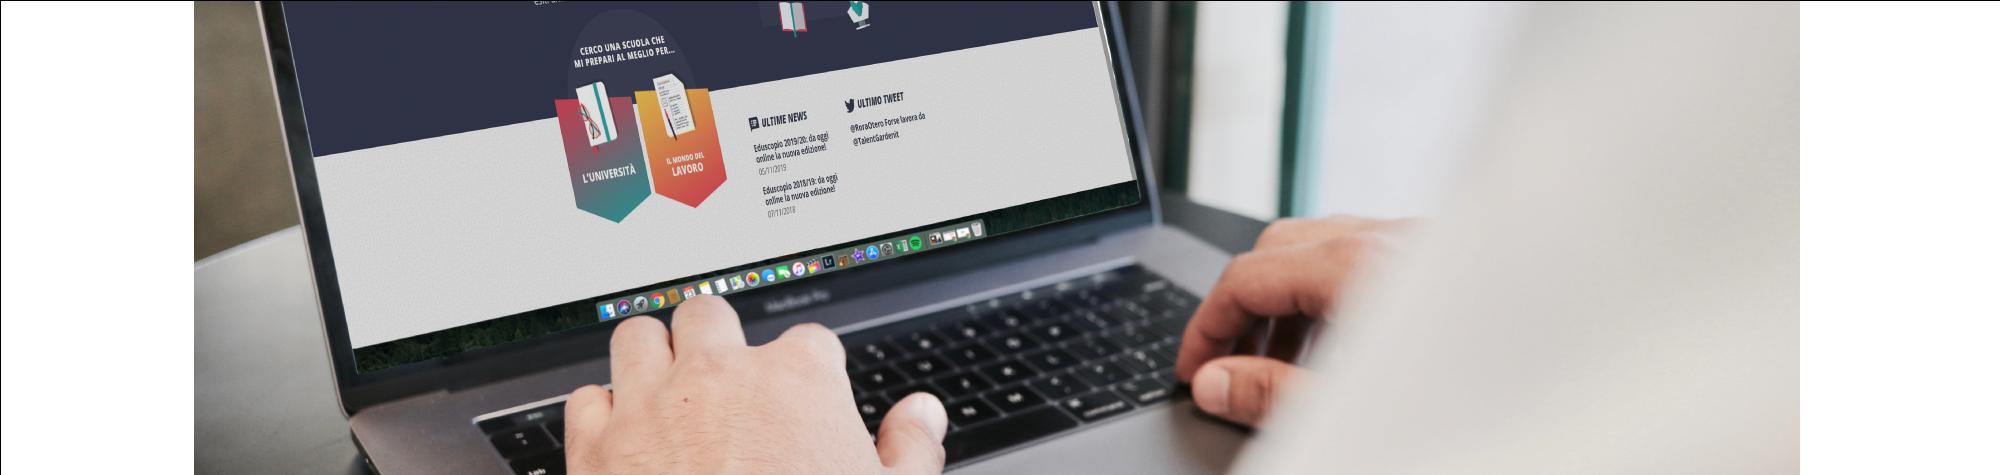 Eduscopio 2020-21 is online